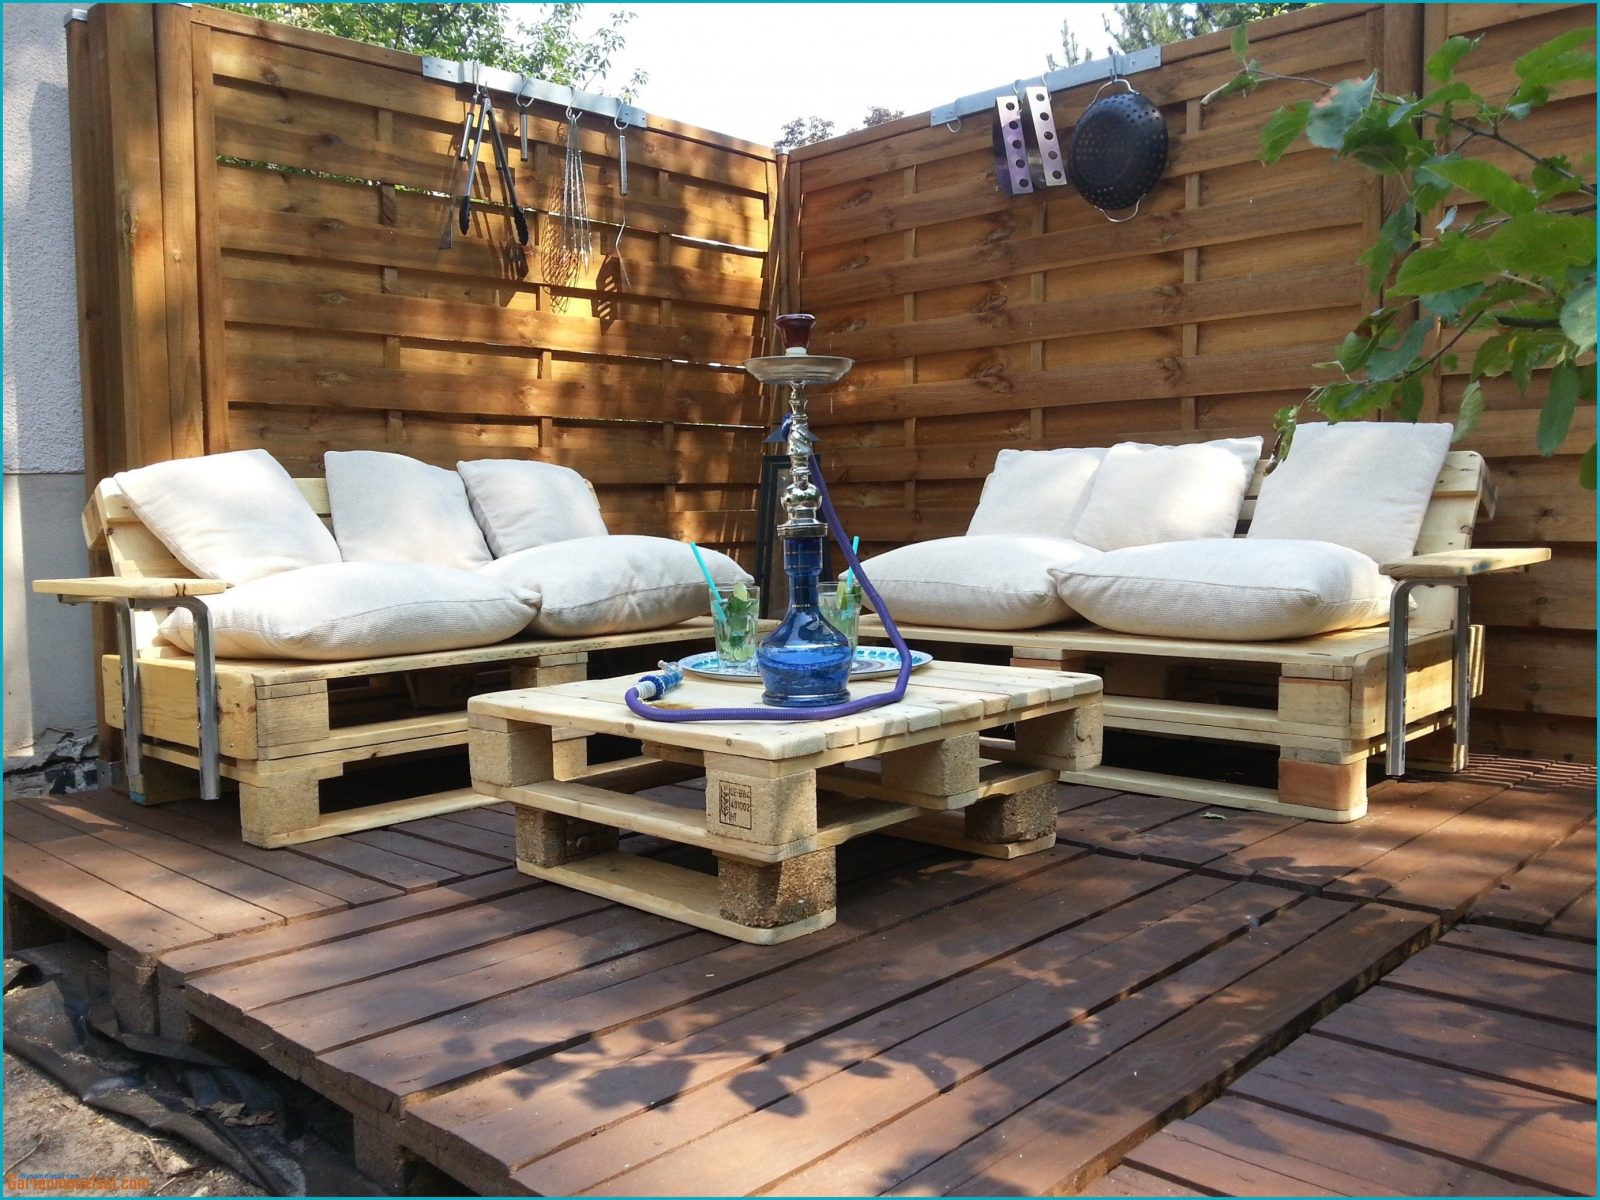 Lounge Sofa Selber Bauen L6S Von Design Sofa Und Bild Gartenmöbel von Garten Lounge Aus Paletten Selber Bauen Bild